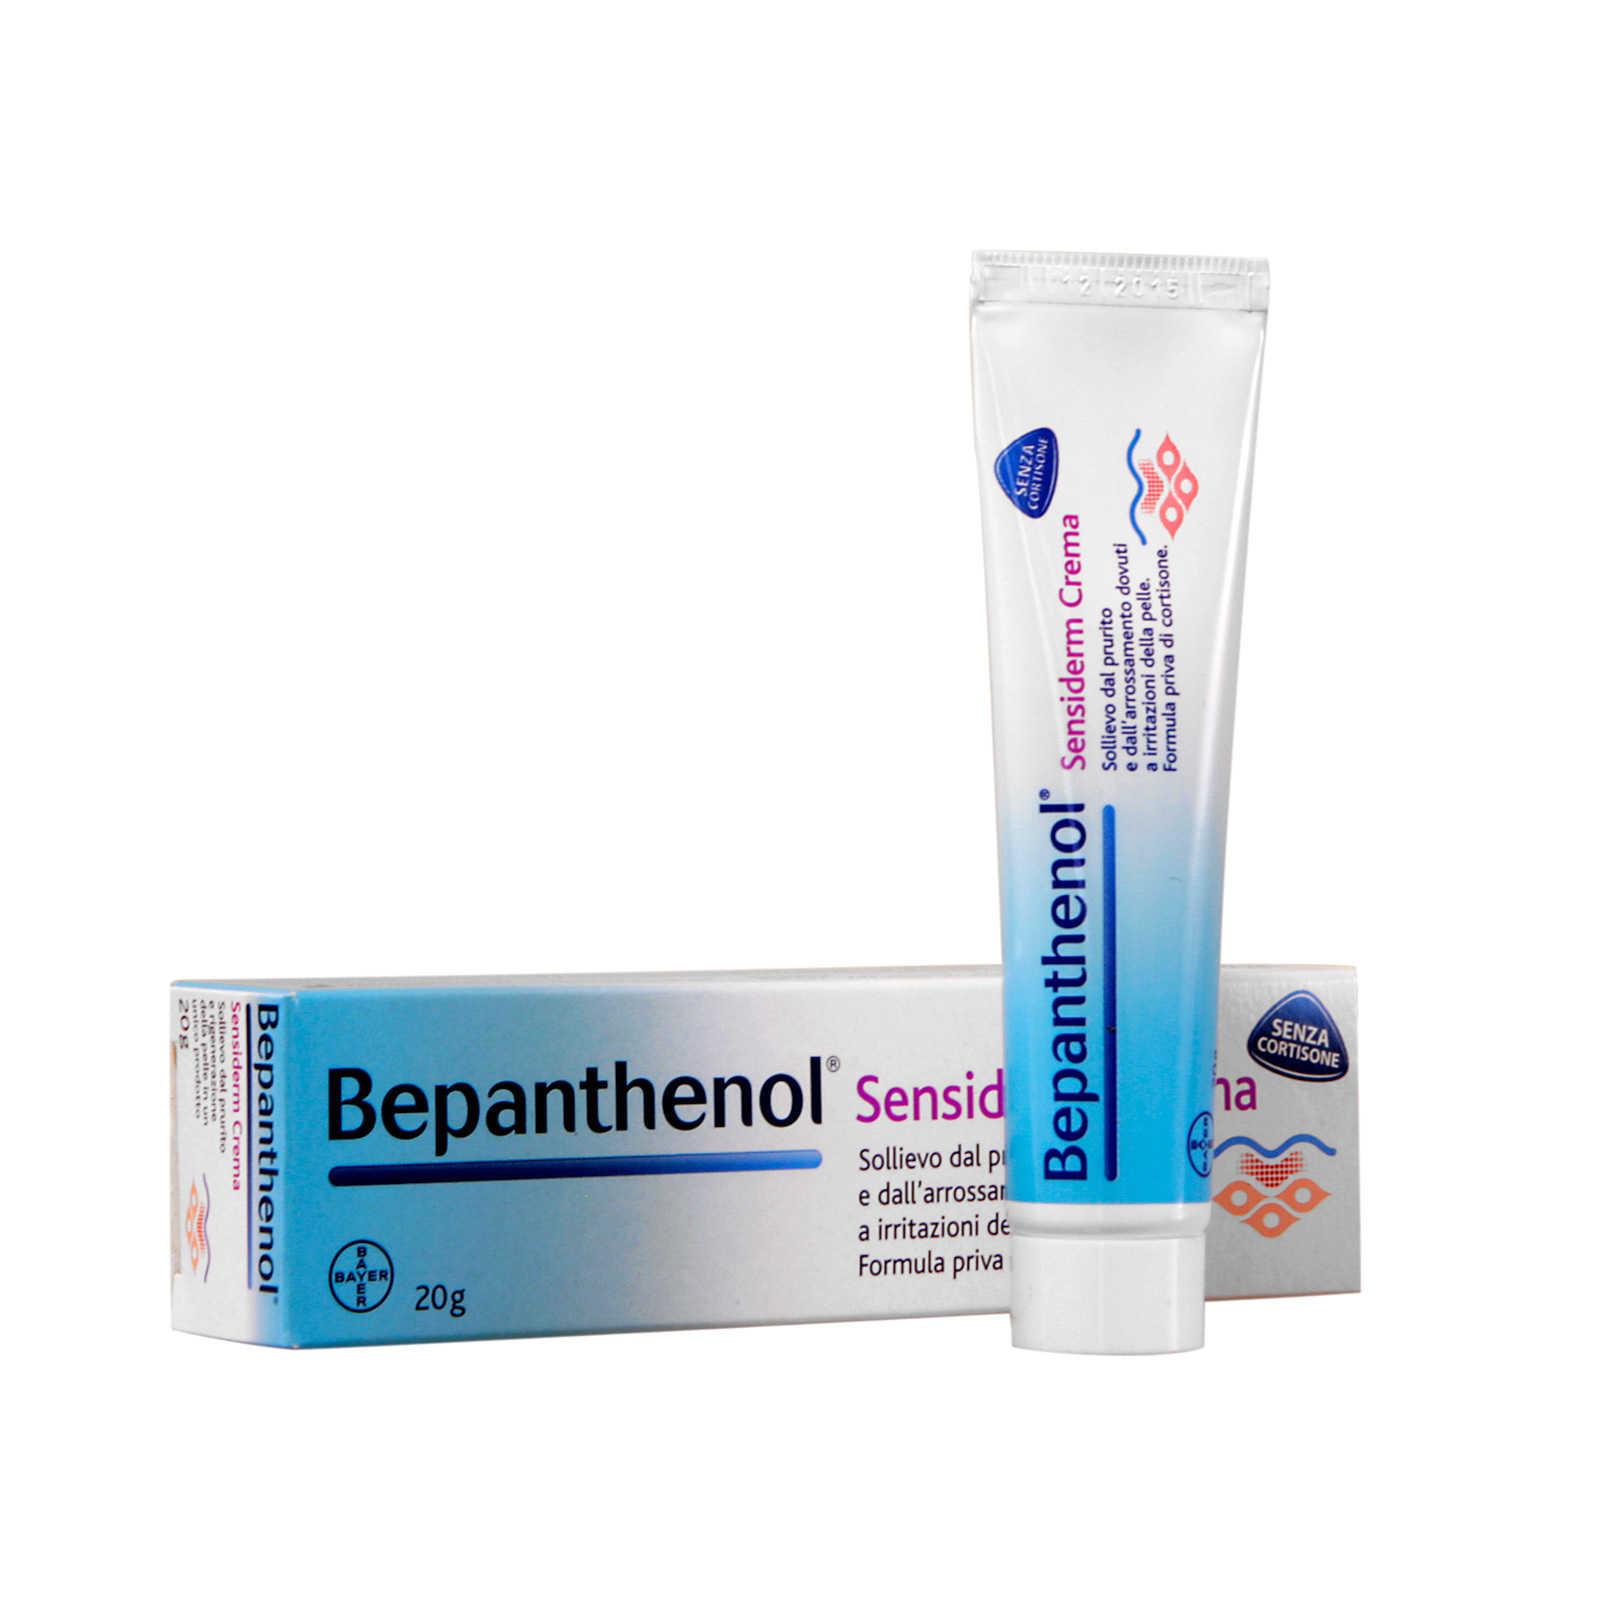 Bepanthenol - Sensiderm